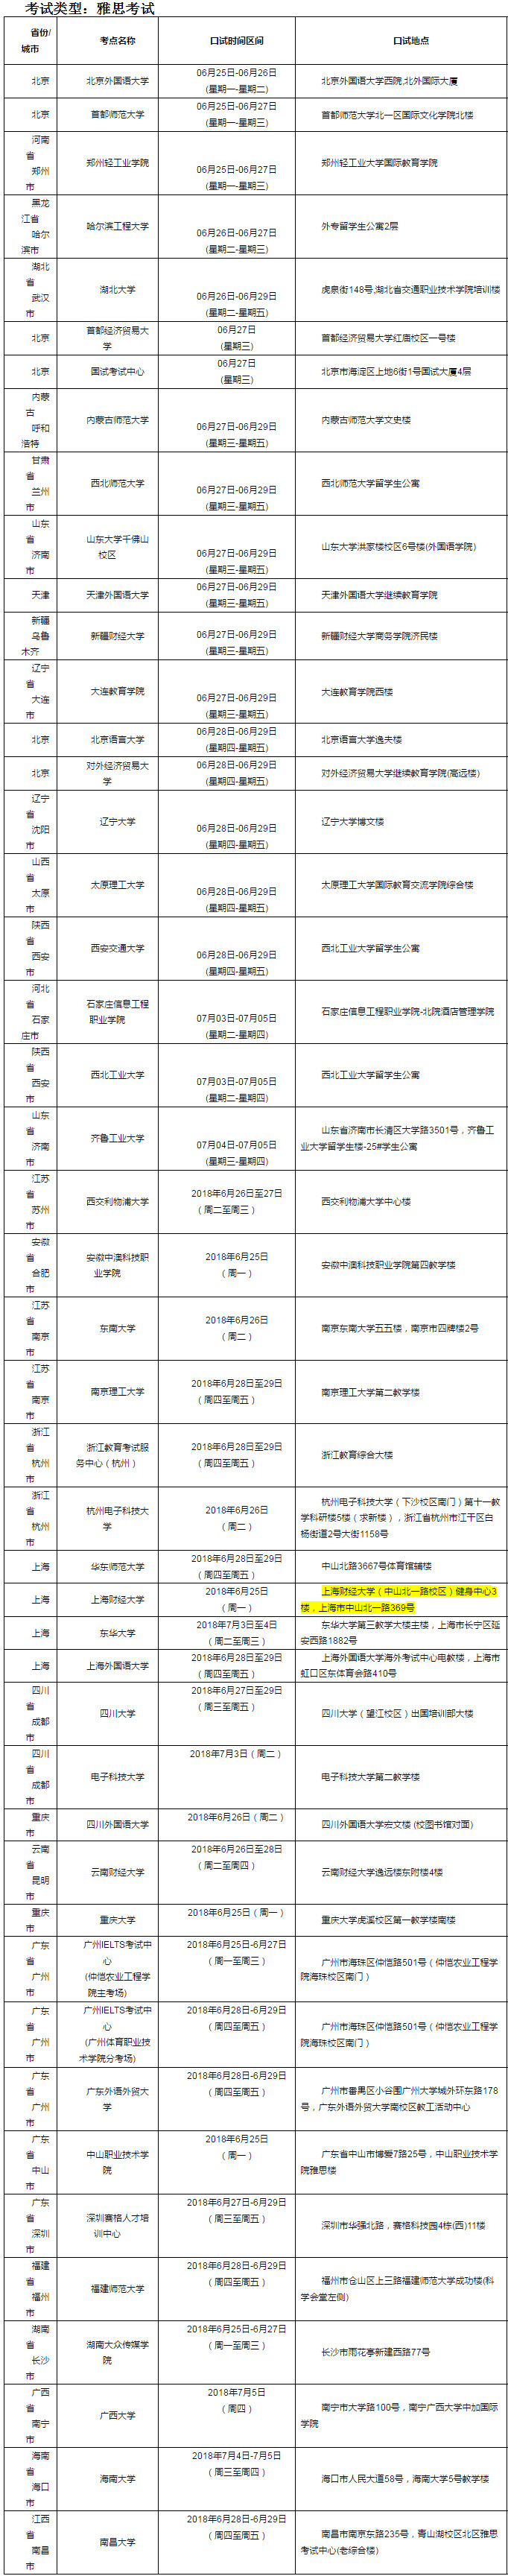 2018年6月30日雅思口语考试安排